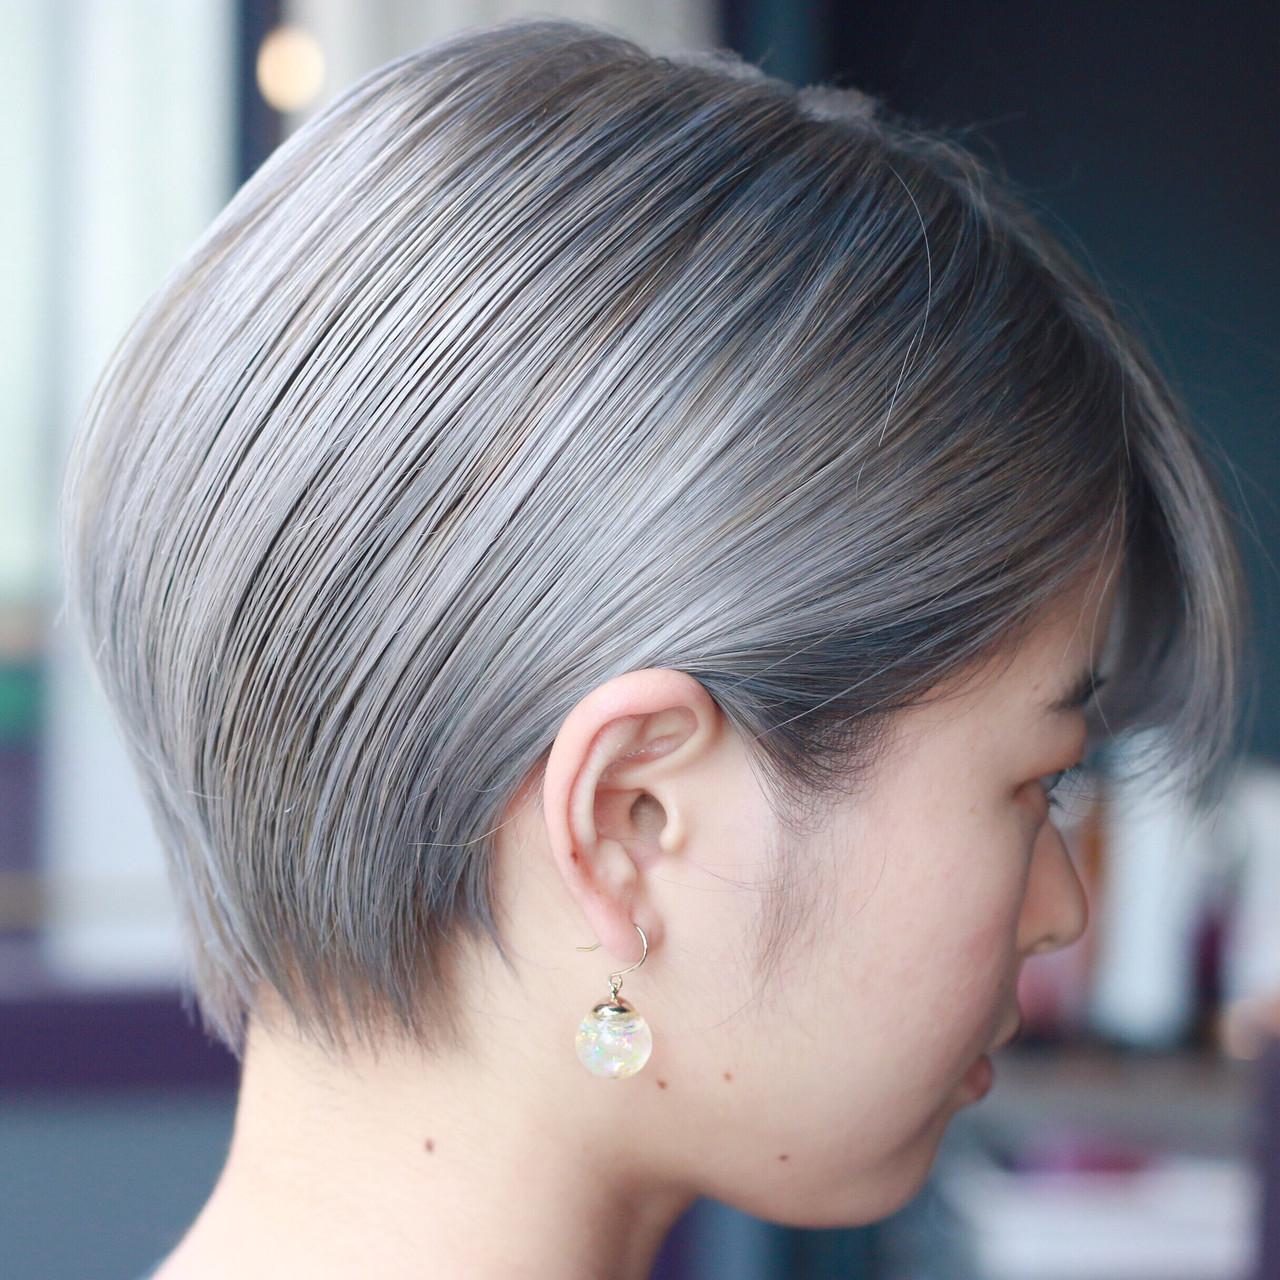 派手髪 ハイトーンカラー ショート ホワイトブリーチ ヘアスタイルや髪型の写真・画像